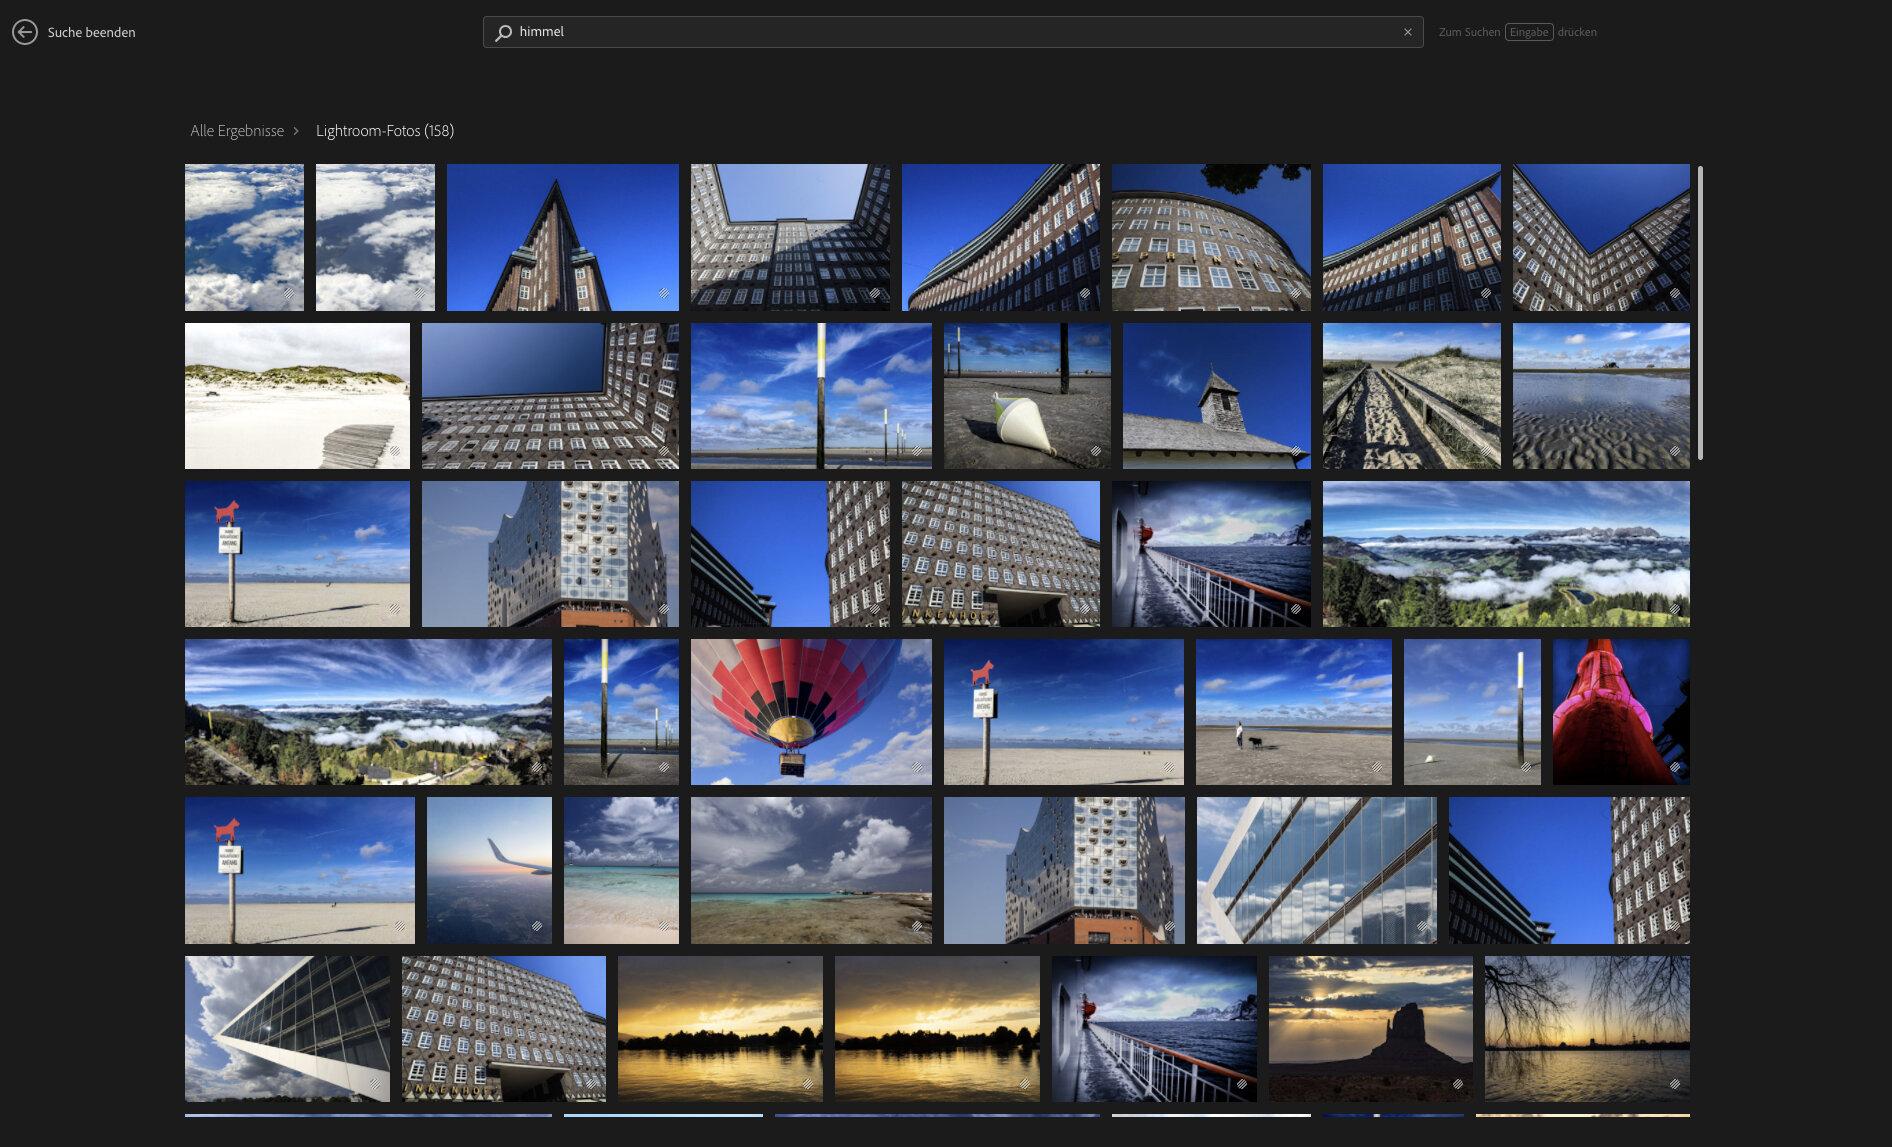 Maike-Jarsetz-digitalevent4.jpg